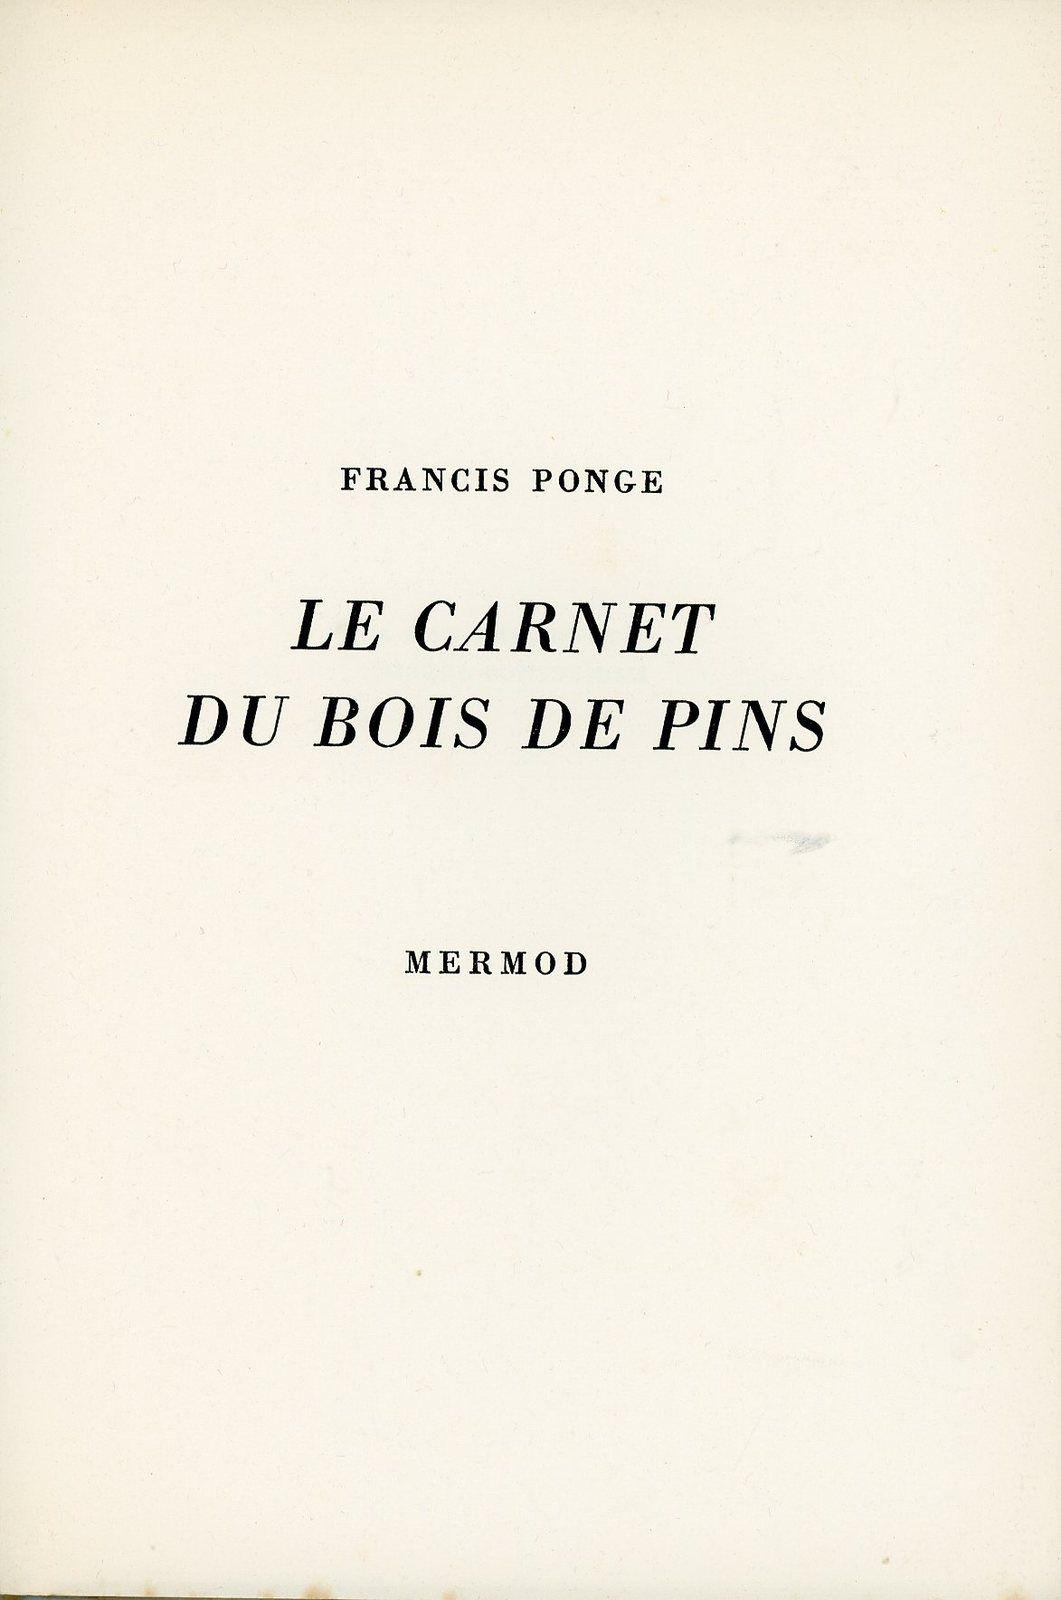 Le carnet du bois de pins de Francis Ponge